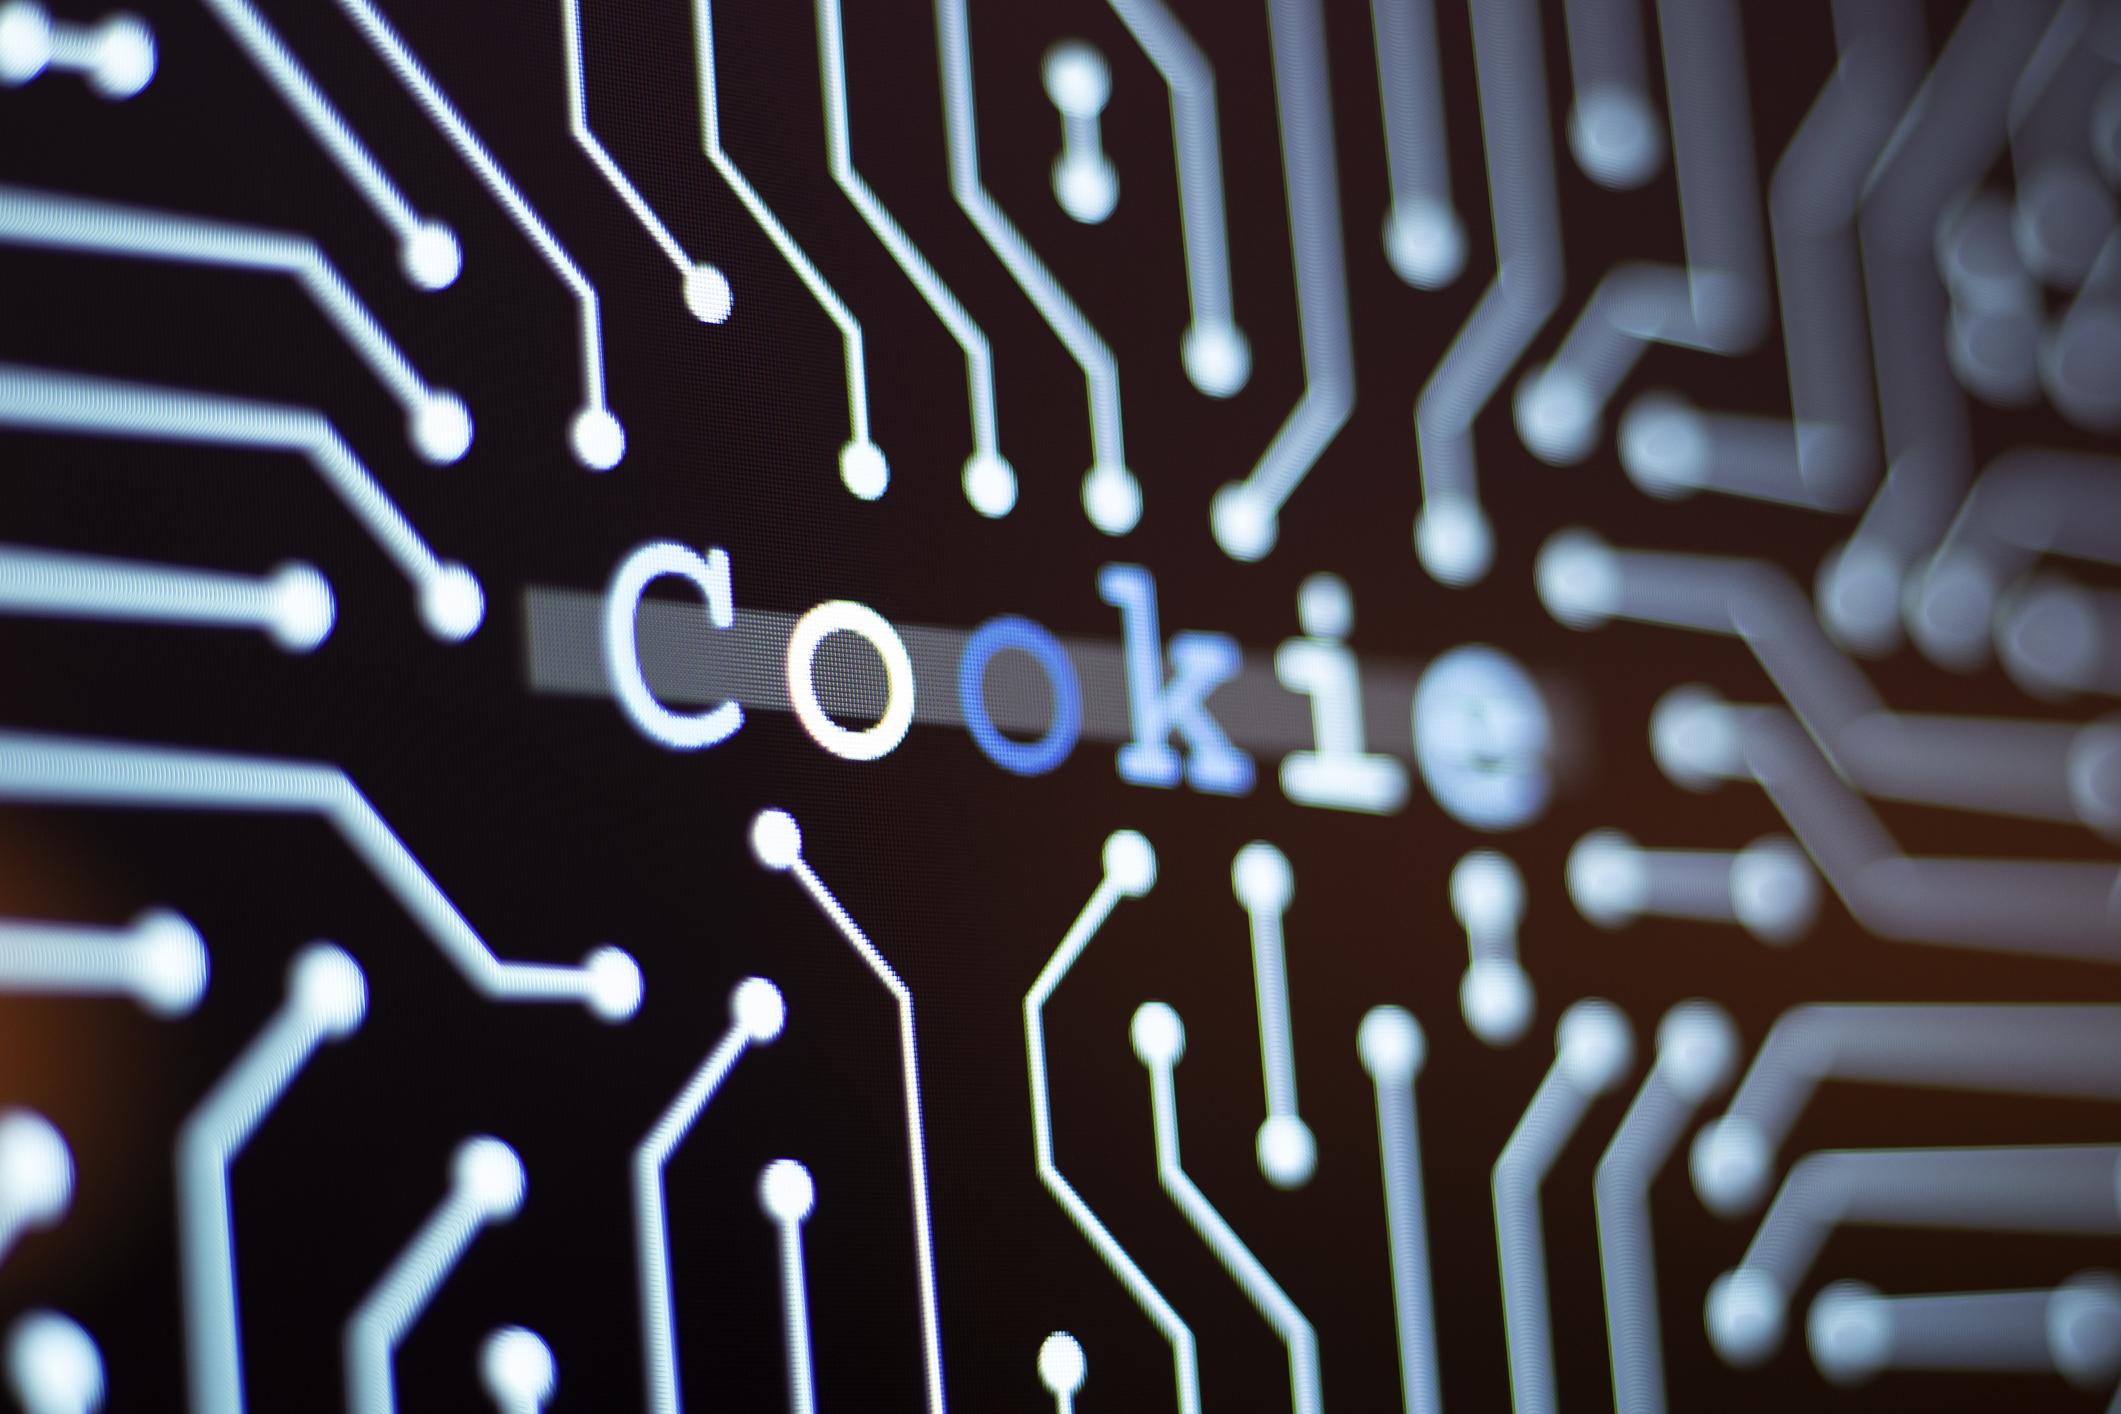 Cookie - ordet cookie på kretskort